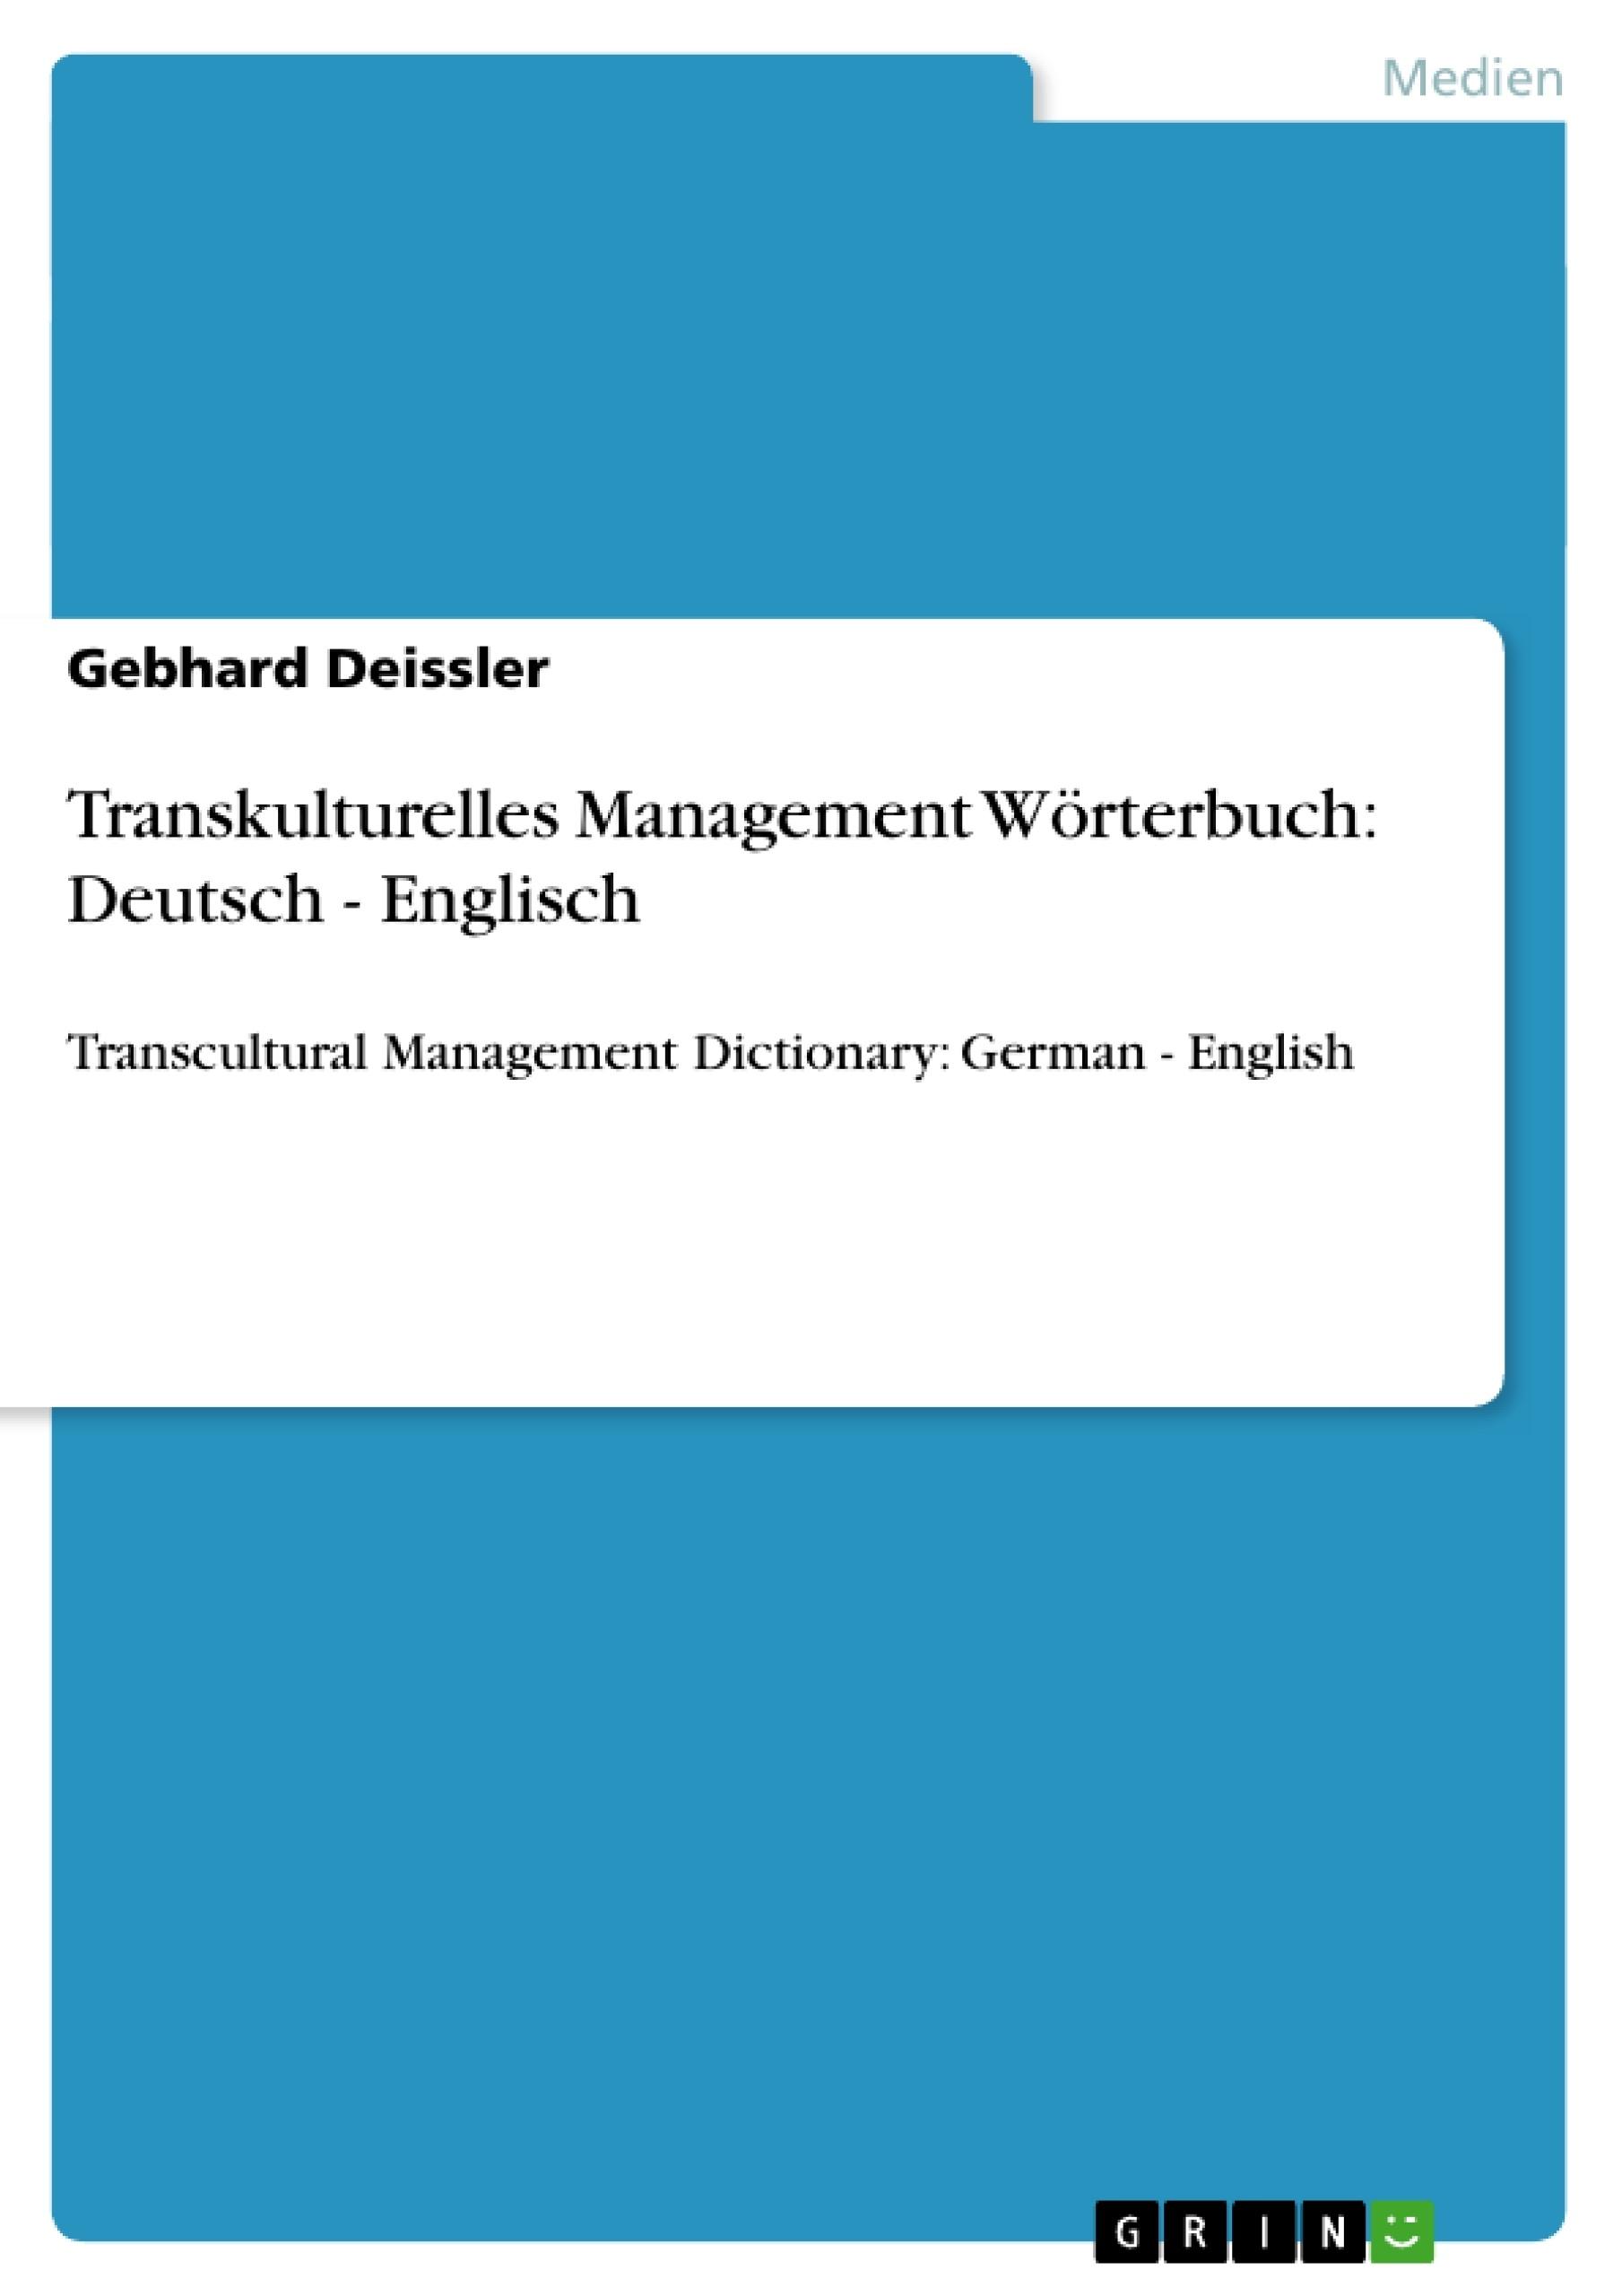 Titel: Transkulturelles Management Wörterbuch: Deutsch - Englisch